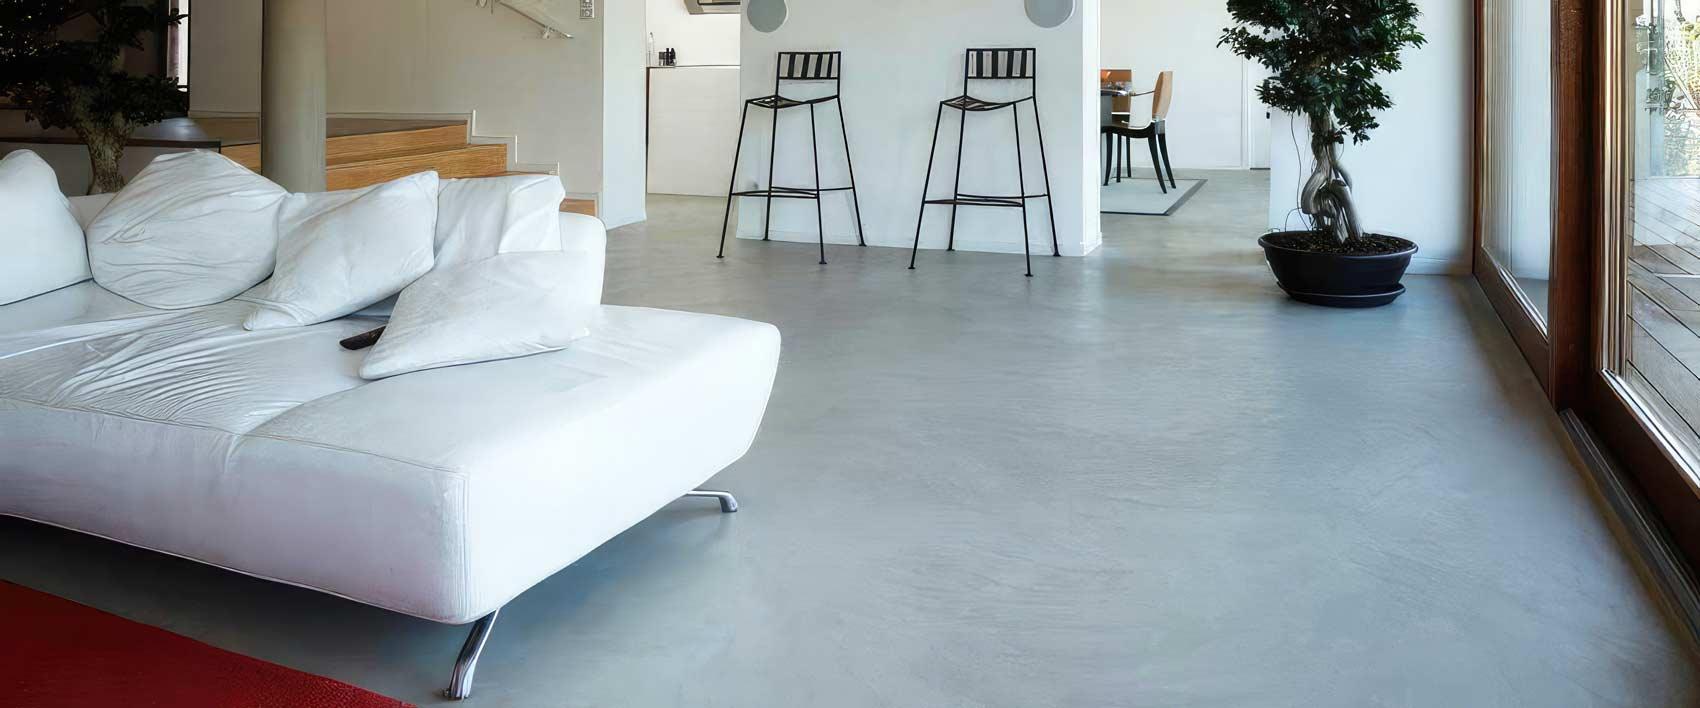 Differenza tra pavimento in resina e cemento di diverso tipo